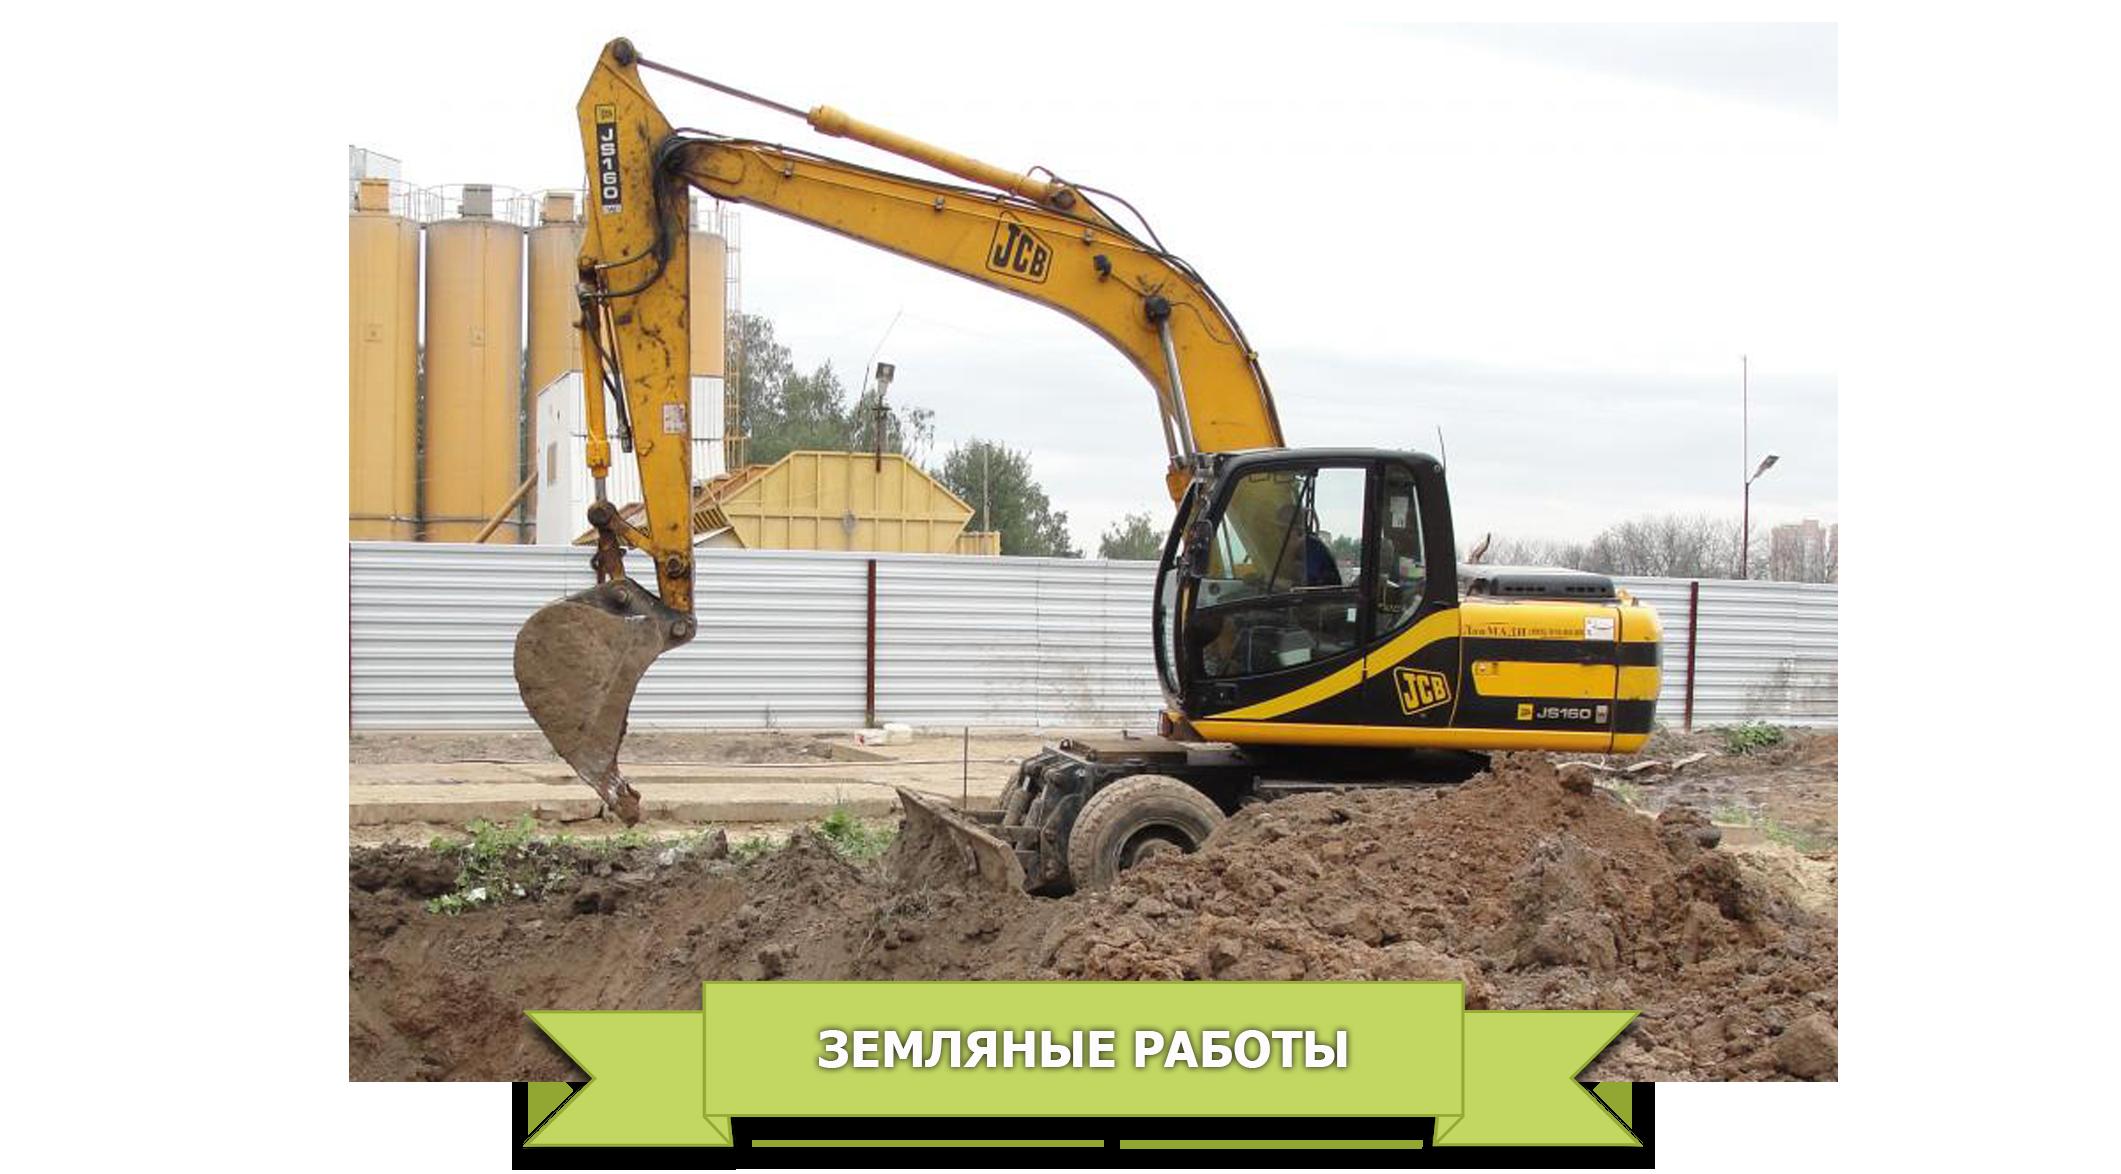 дать объявление о грузоперевозках в беларуси